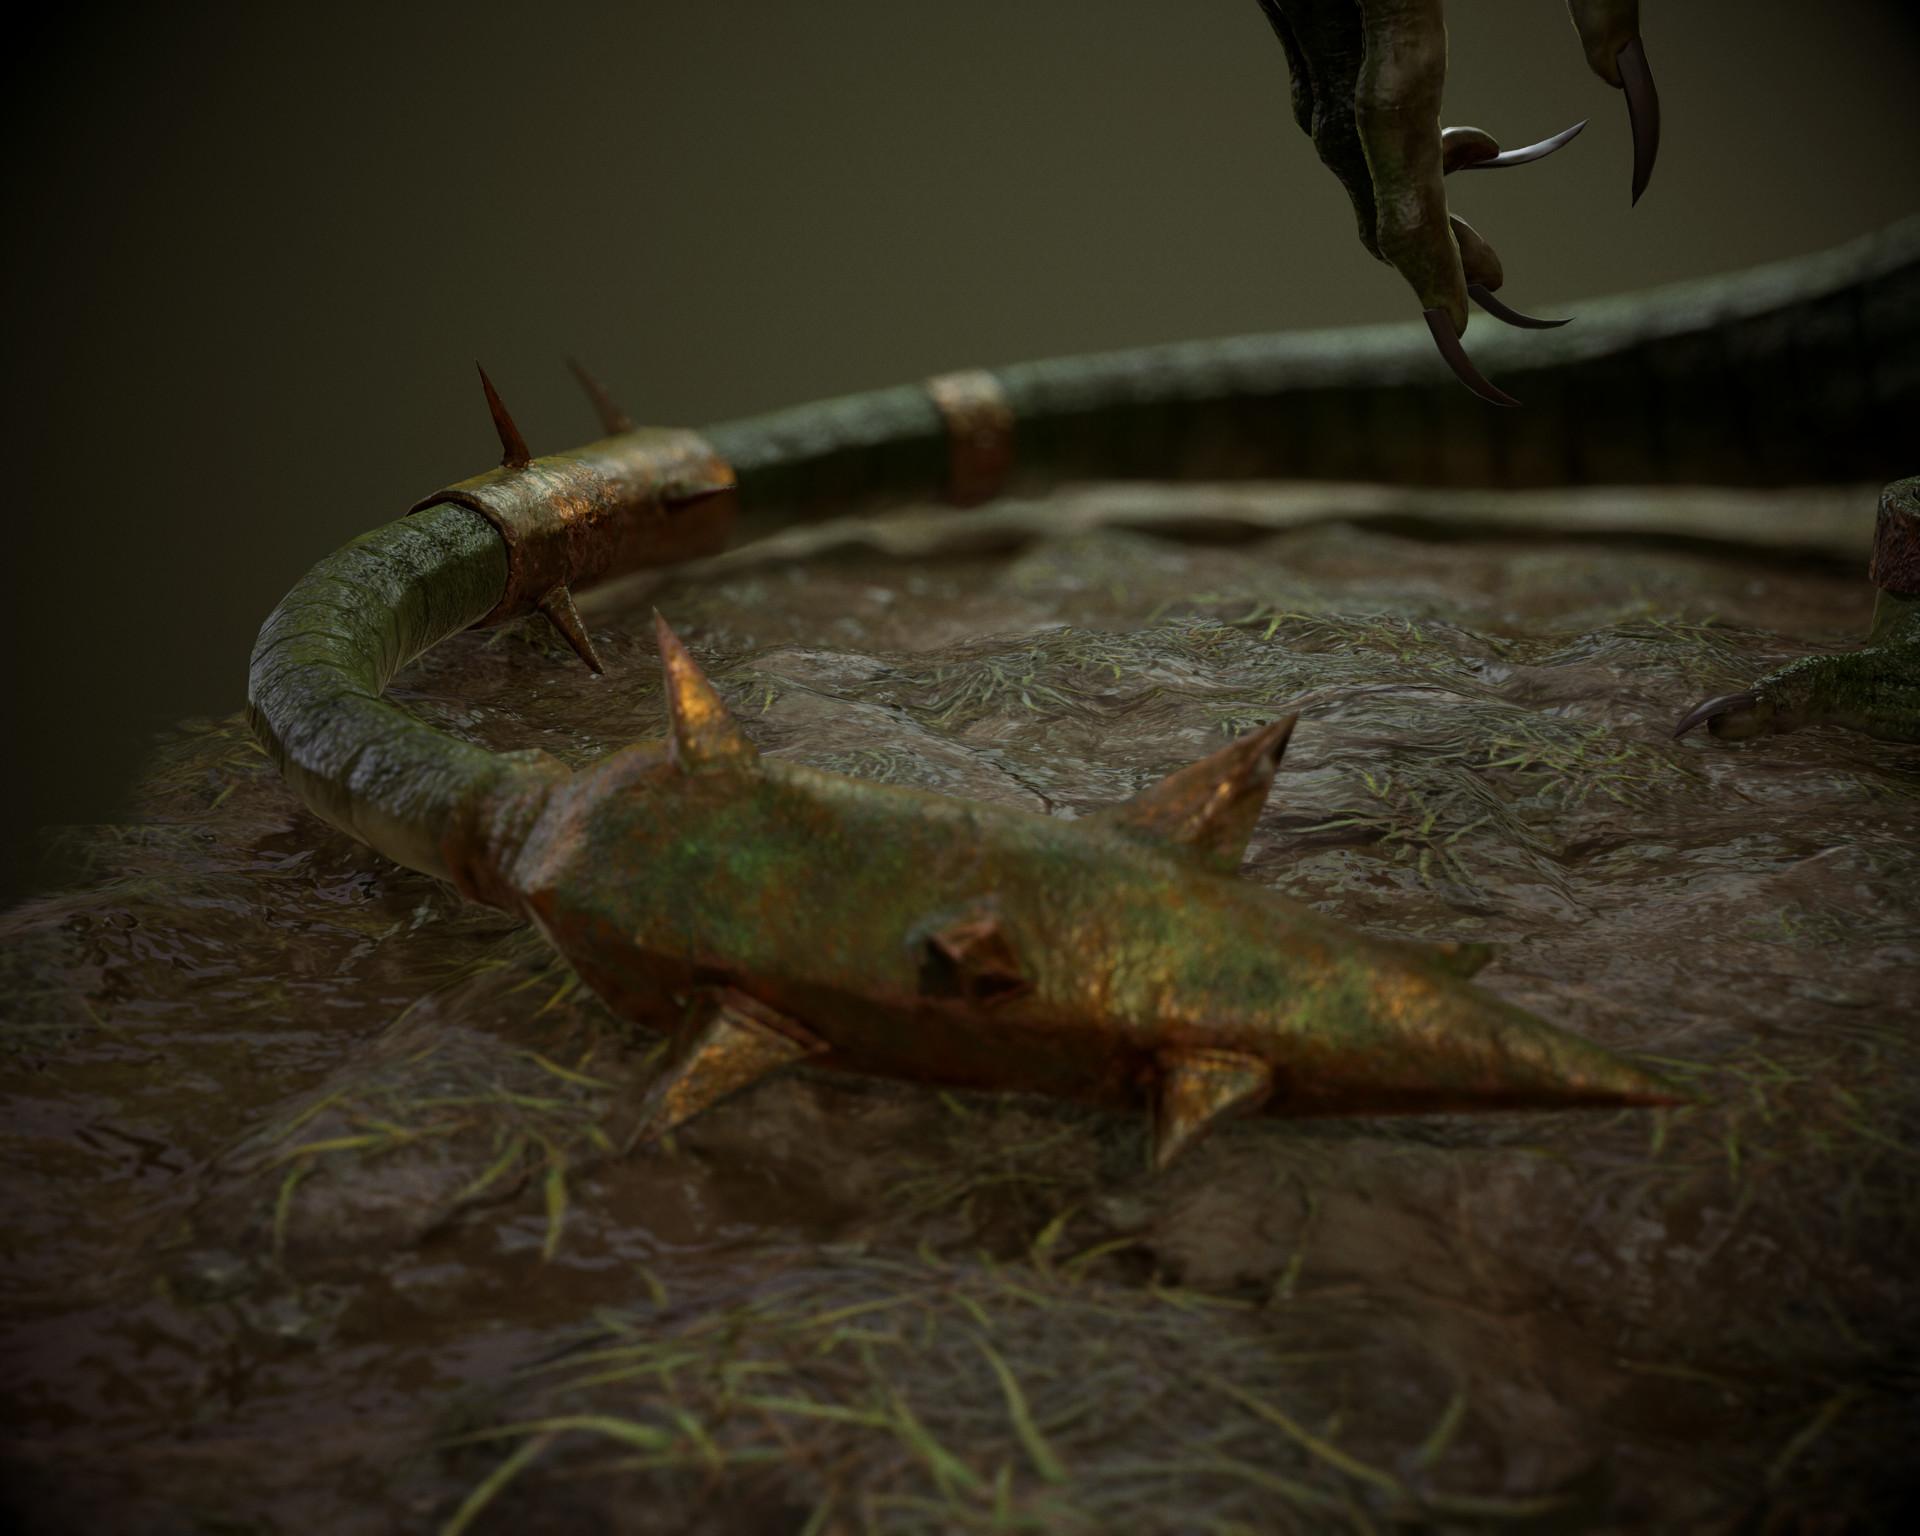 Danaos christopoulos swamp tail